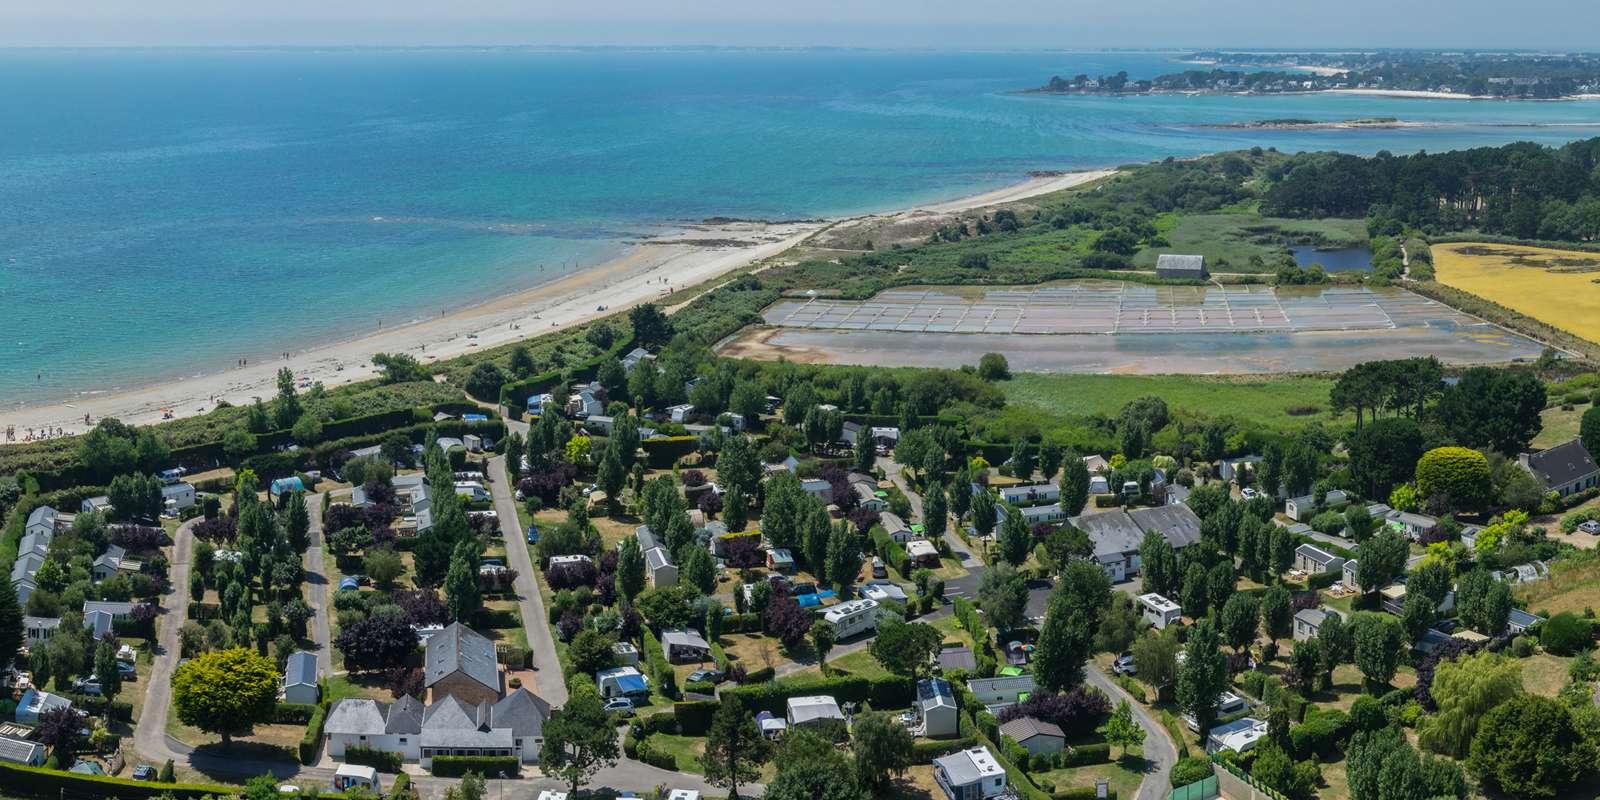 vue-du-ciel_hebergement_camping-de-la-plage_la-trinite-sur-mer